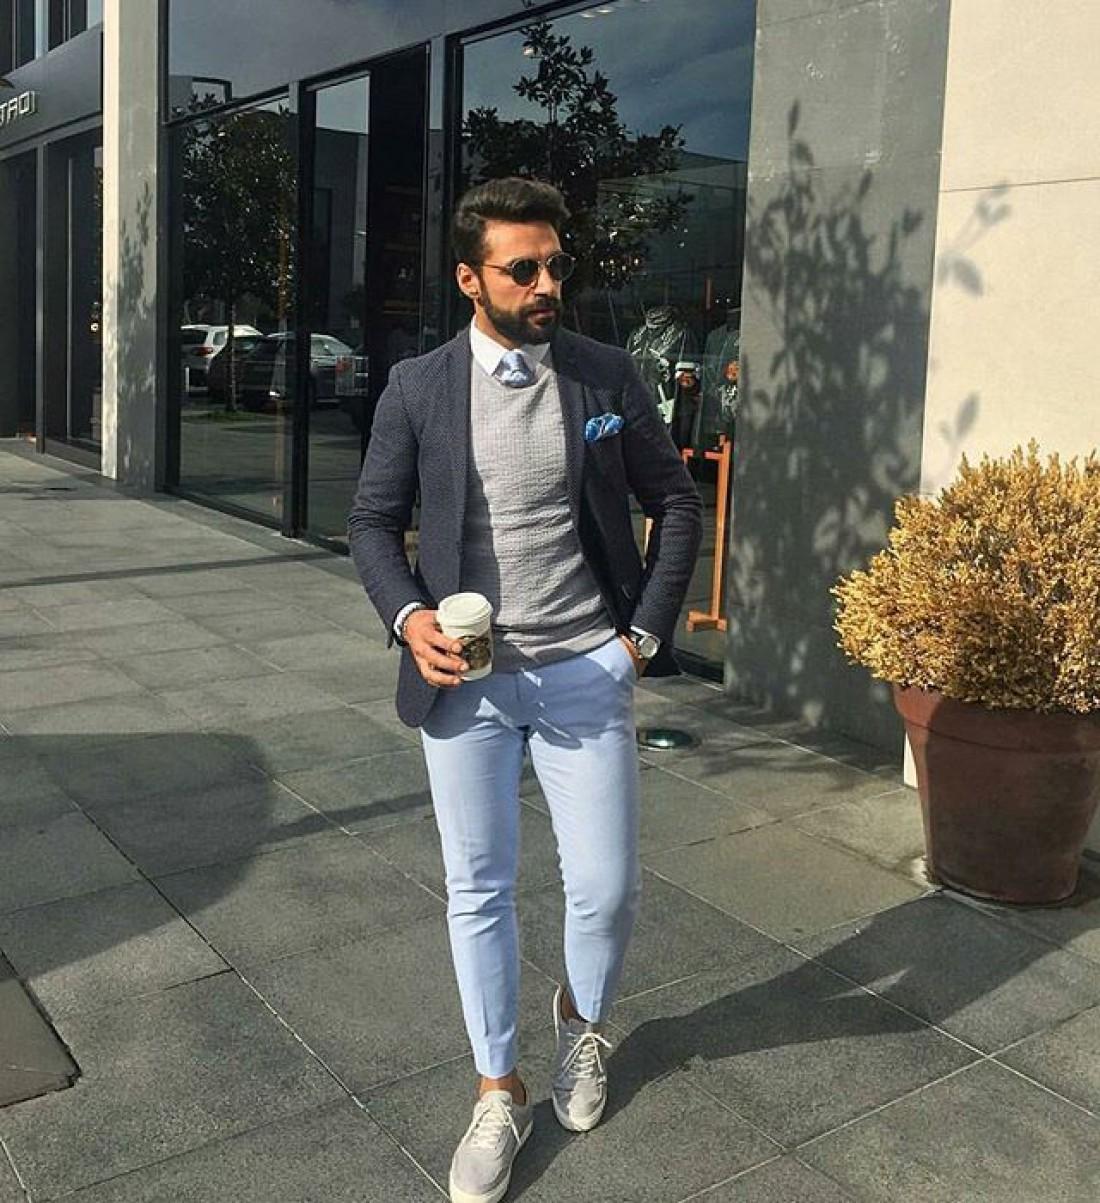 Неформальный пиджак пойдет к джинсам без потертостей и дырок